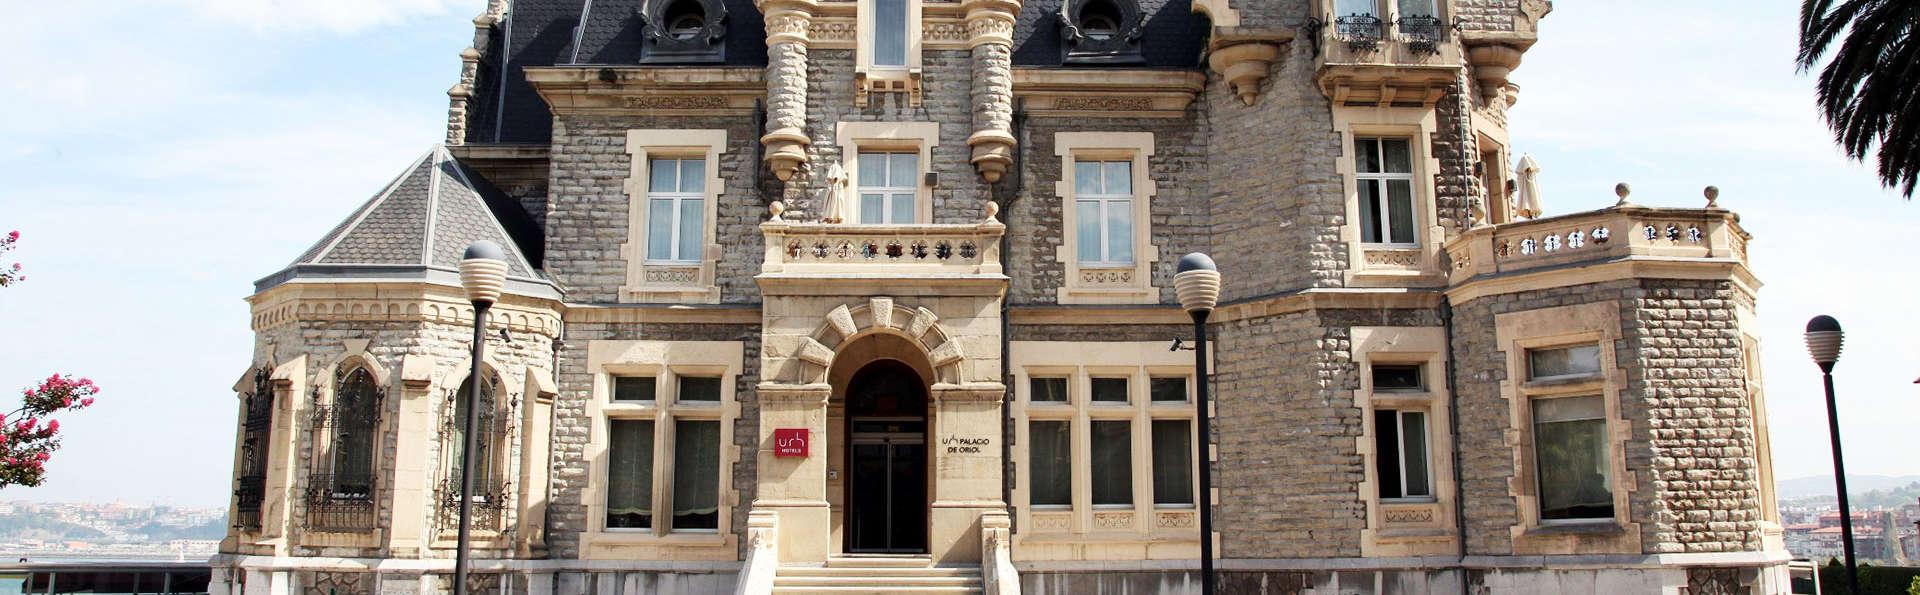 URH Palacio de Oriol - EDIT_front3.jpg